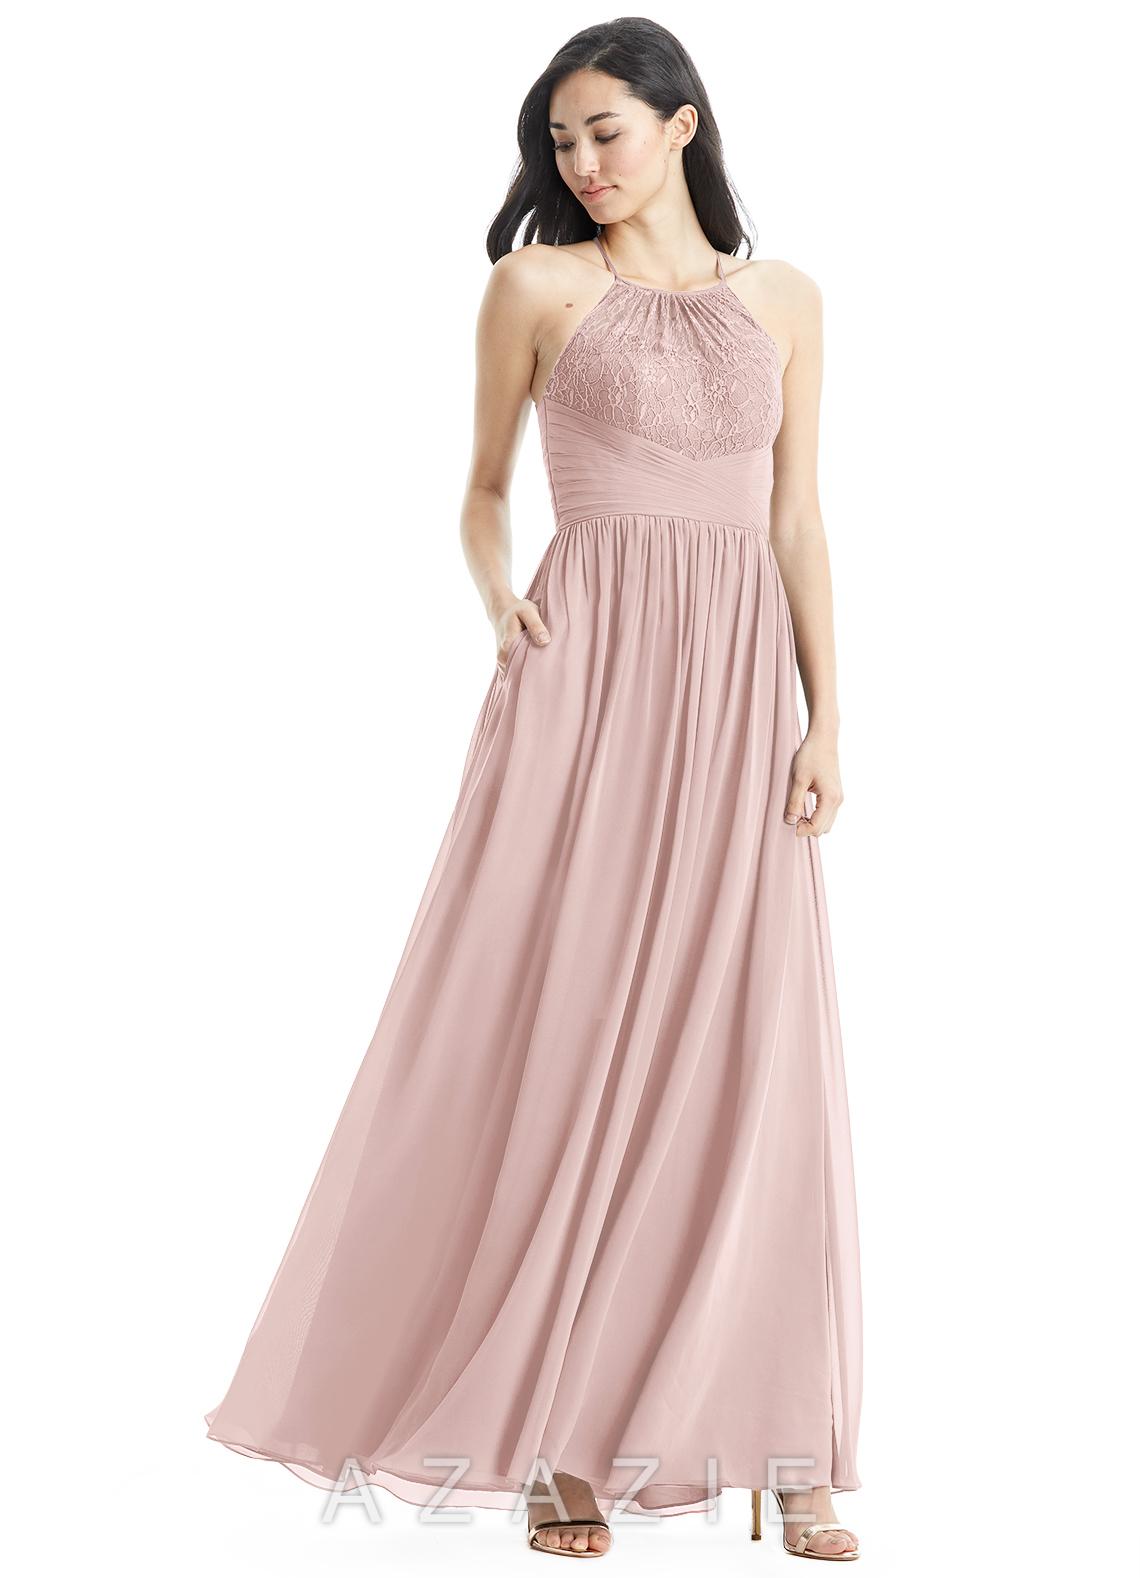 Único Vender Mi Vestido De Novia Modelo - Colección del Vestido de ...